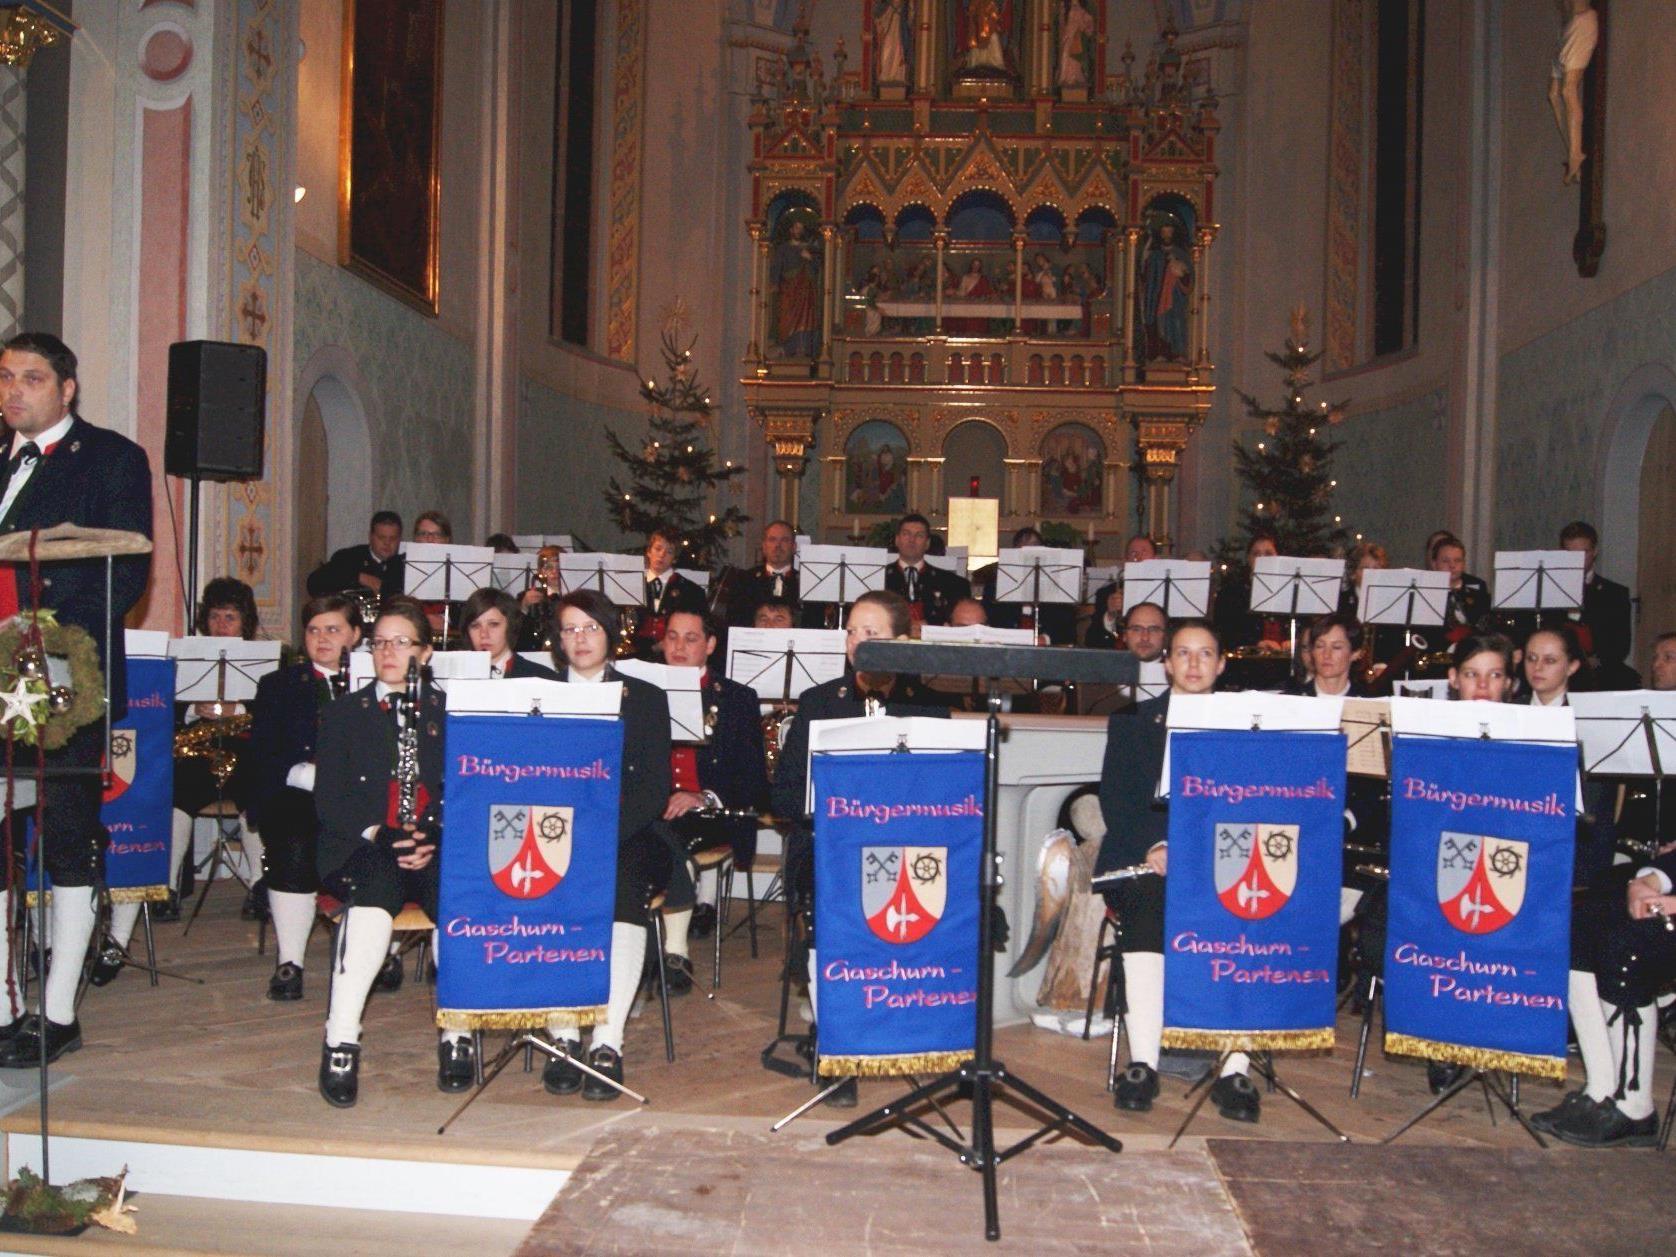 Konzert der Bürgermusik Gaschurn-Partenen in der Pfarrkirche.